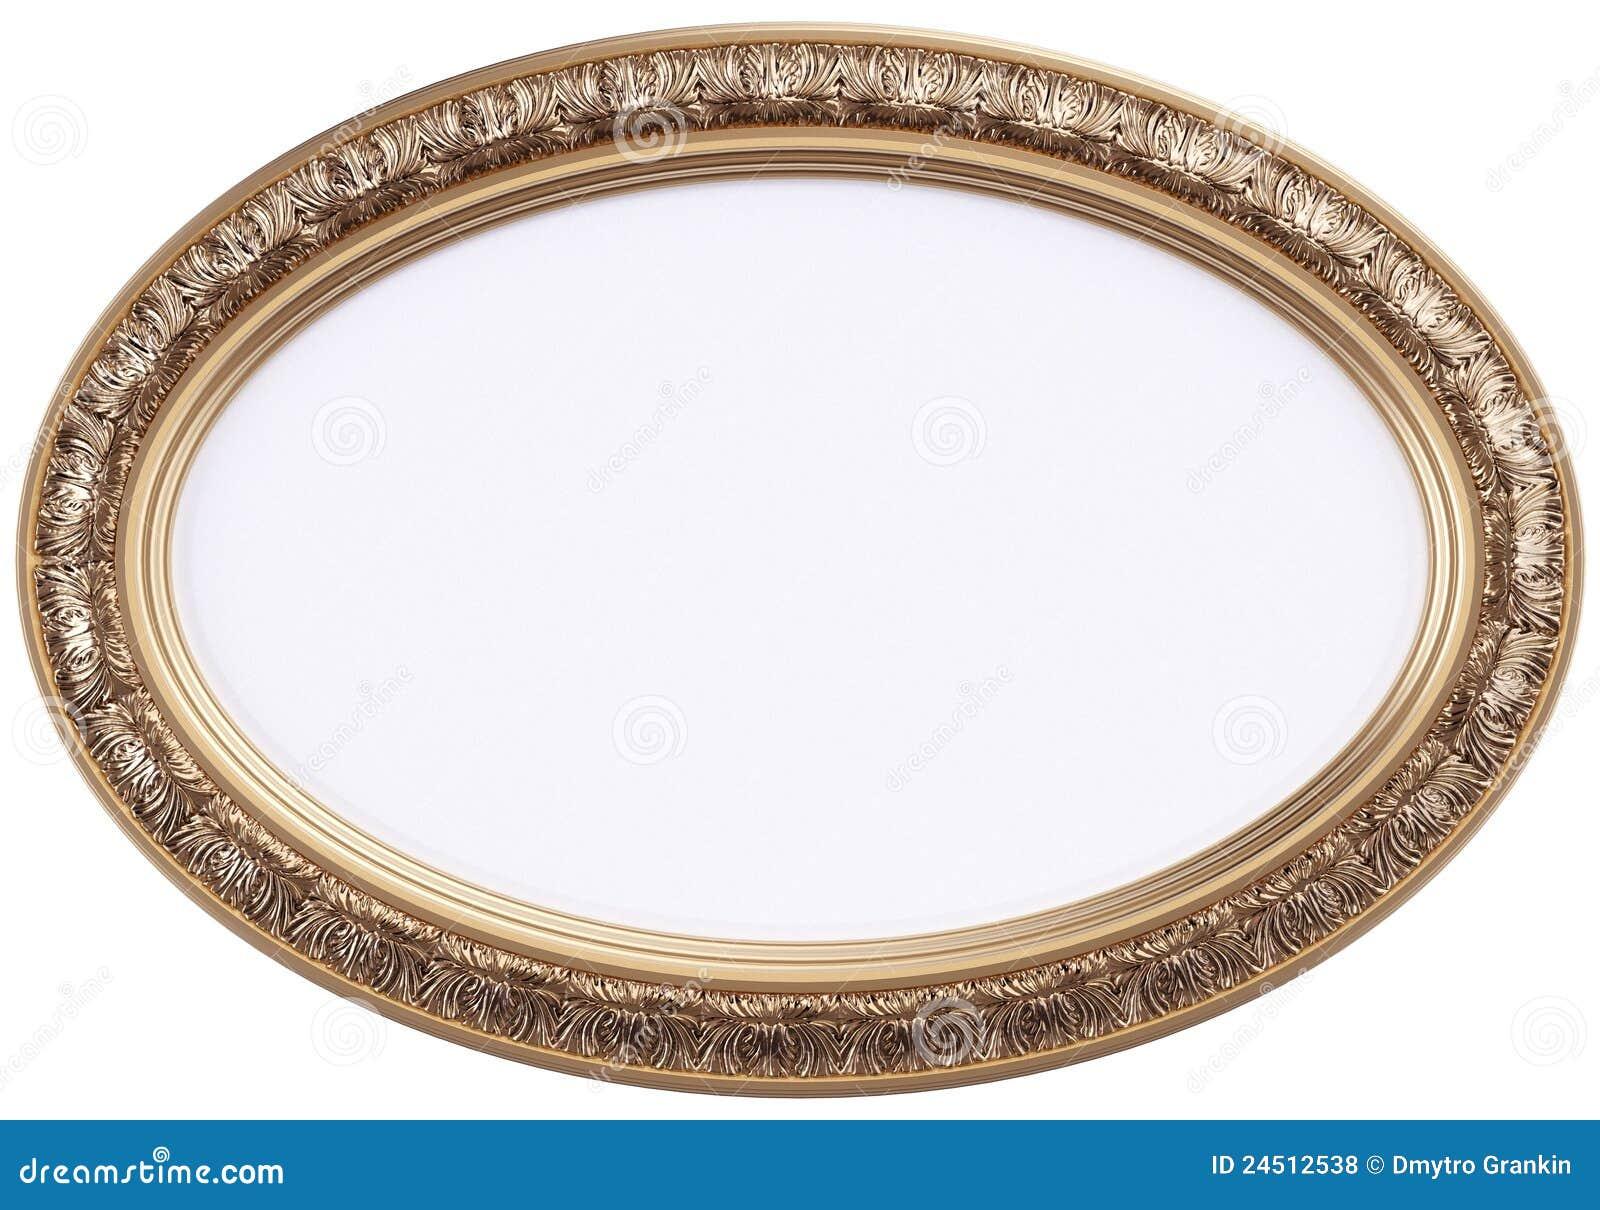 Cornice o specchio dorata ovale isolato su wh - Specchio antico ovale ...